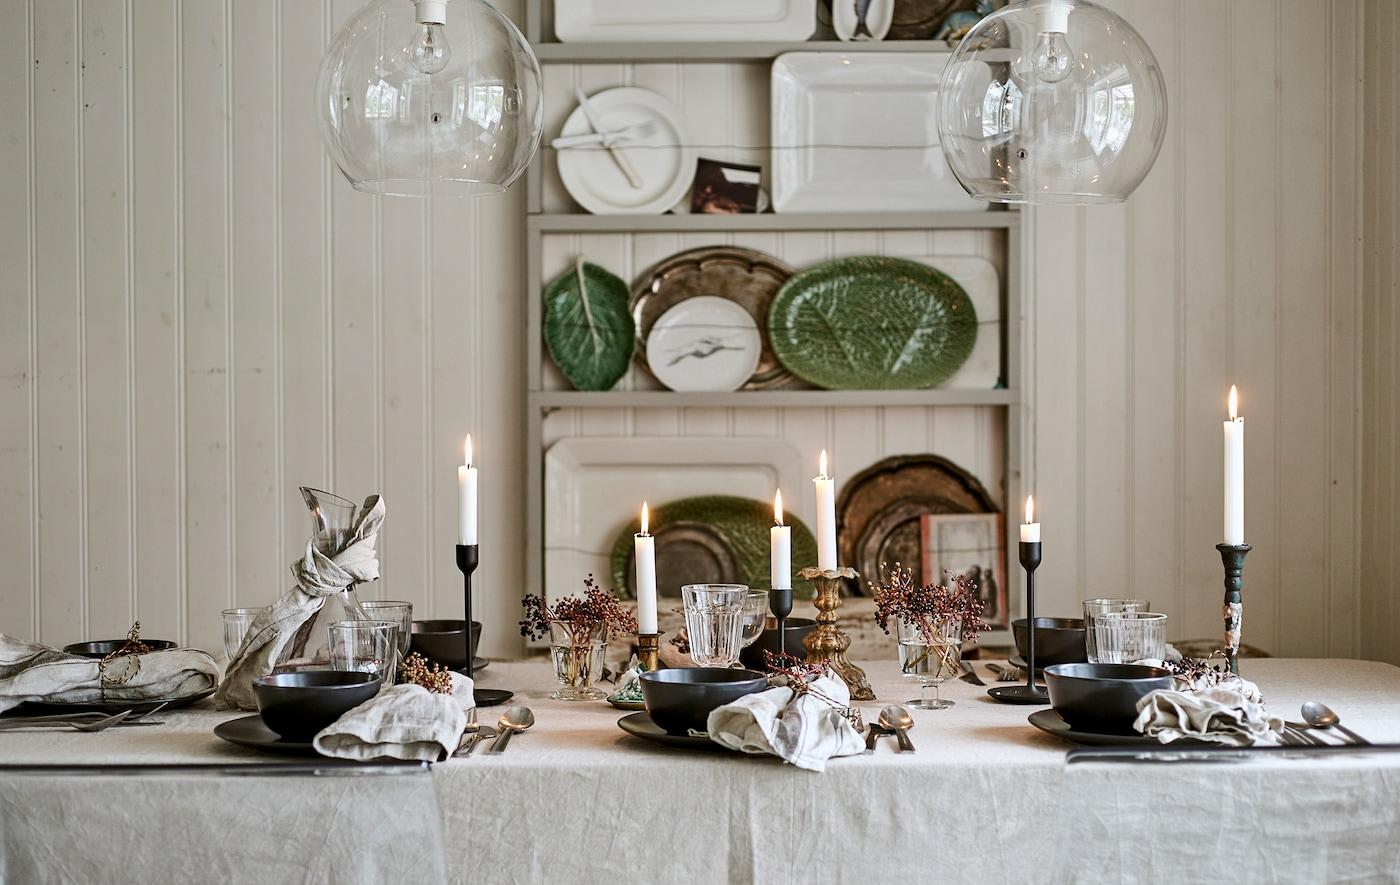 طاولة طعام مخصصة لوجبة احتفالية مع قماش طاولة من الكتان وشموع وأواني زجاجية مع تحديد الأماكن بمناديل مزيّنة.